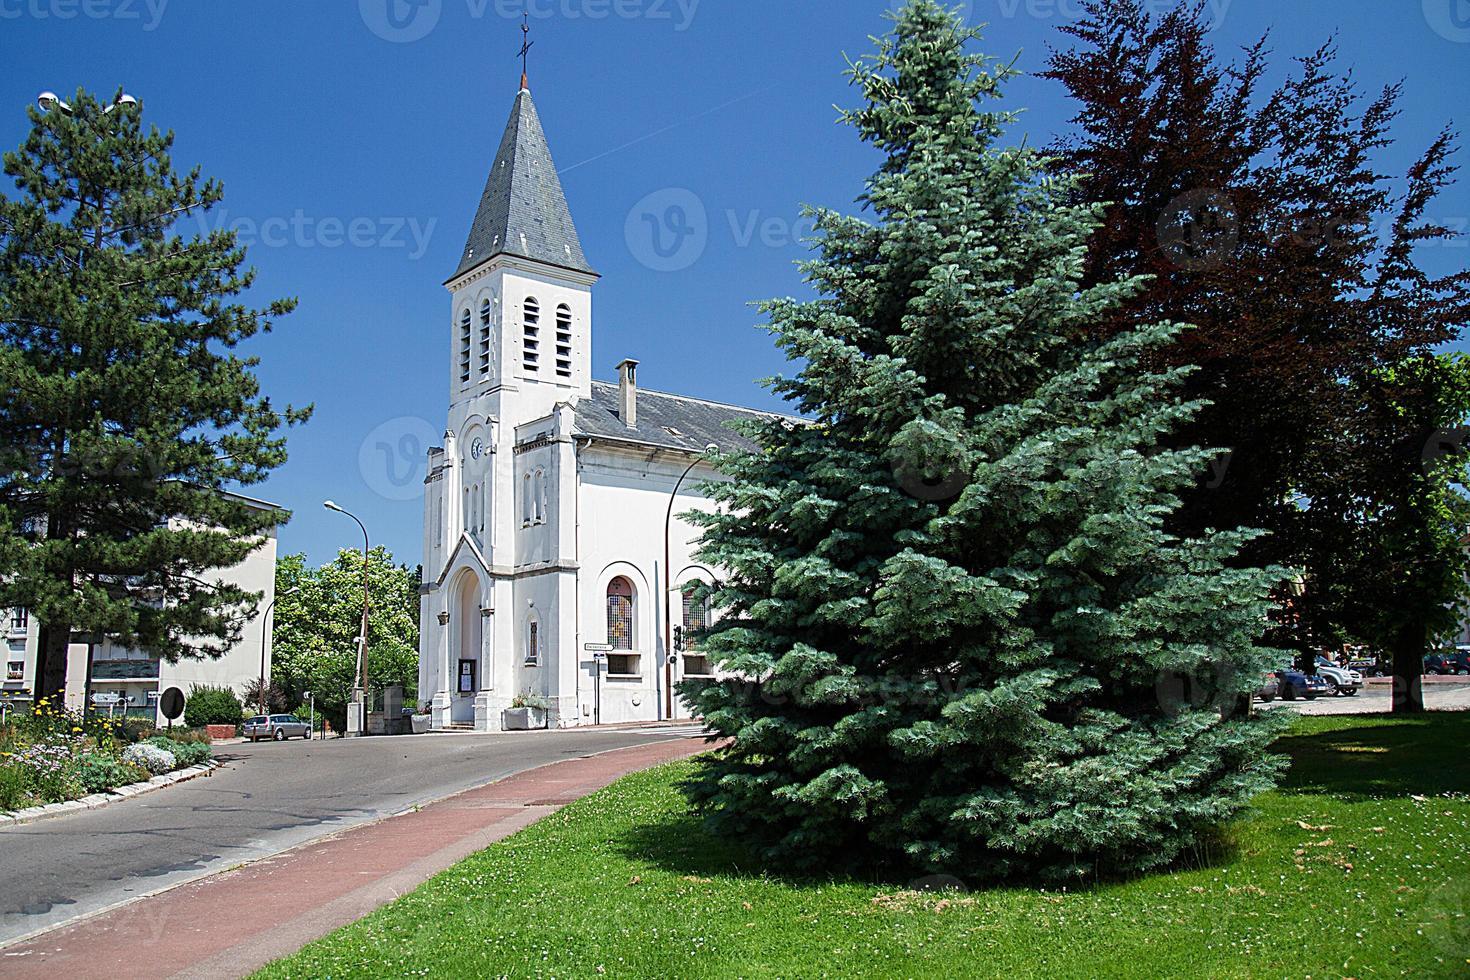 igreja da vila foto